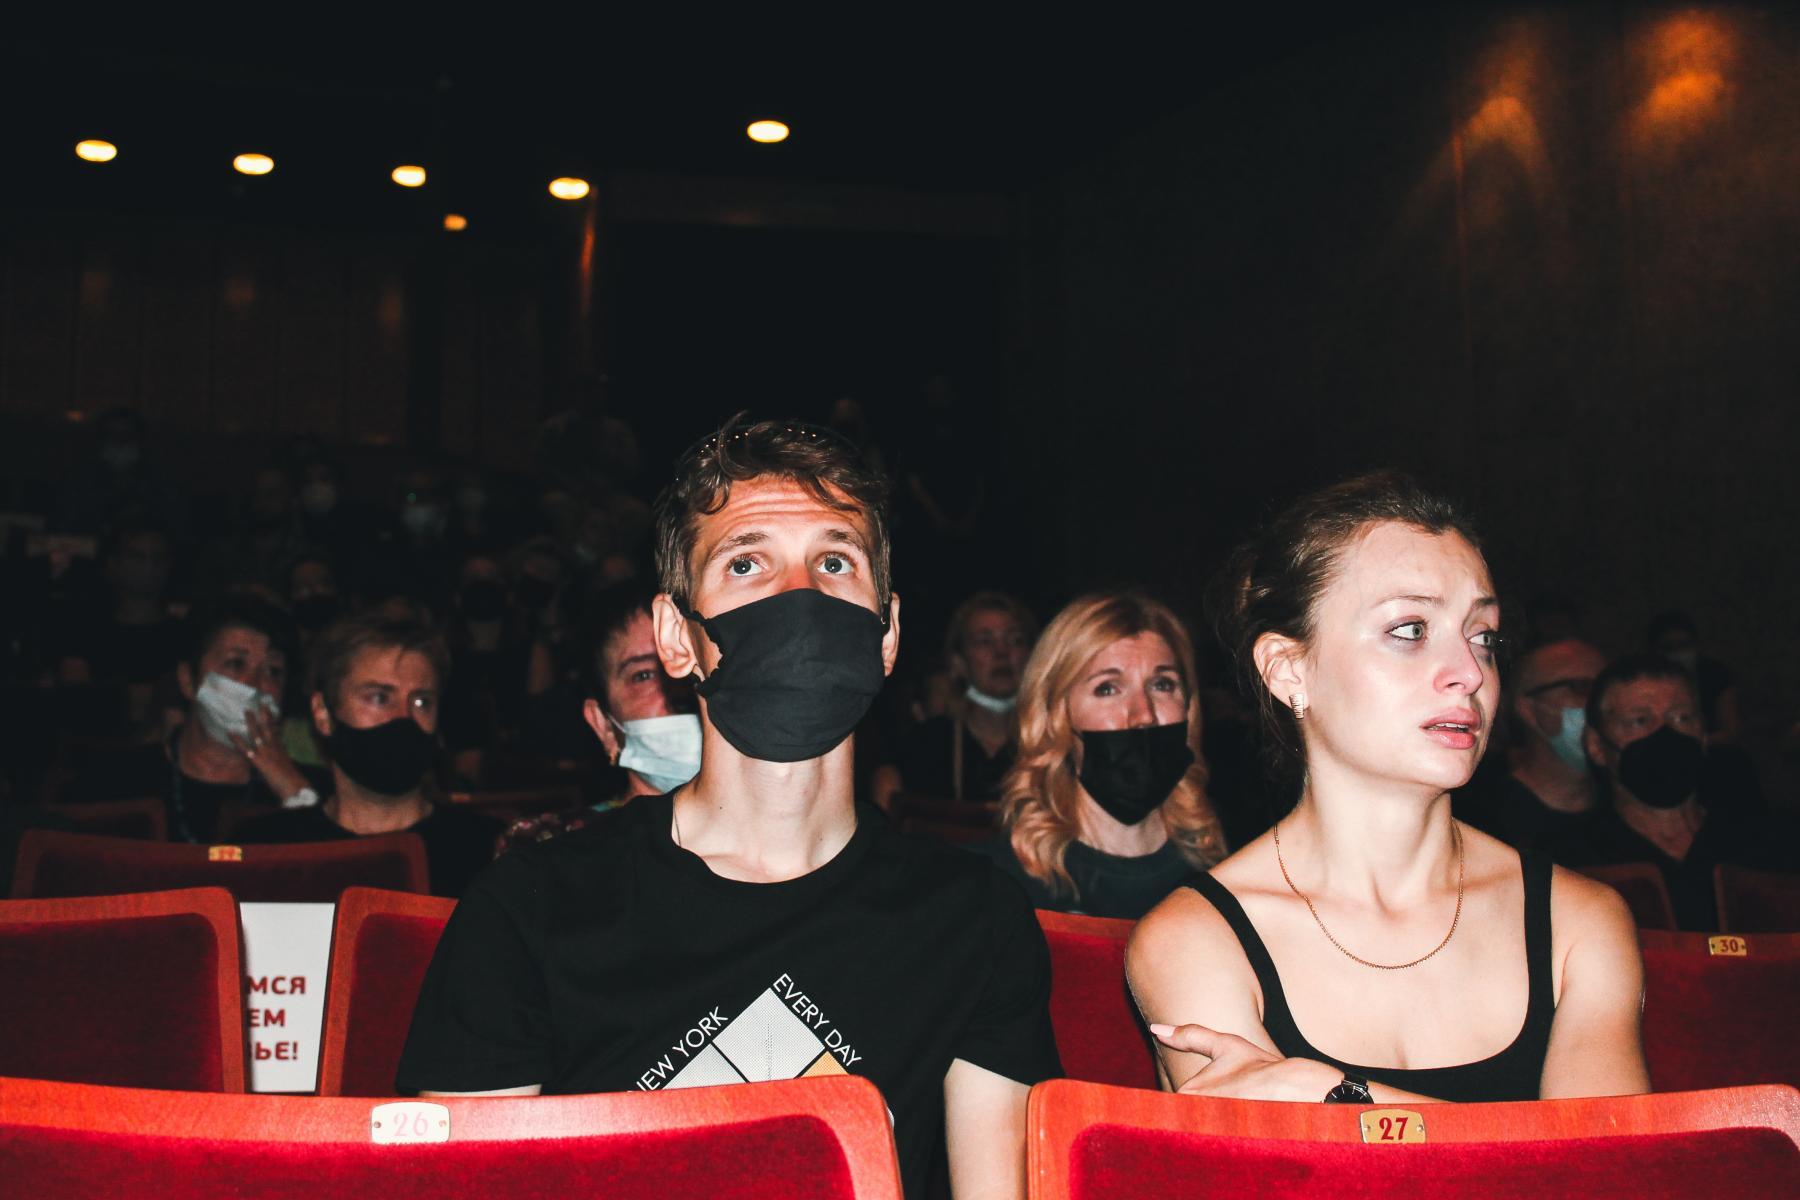 Фото Финальные аплодисменты: как новосибирцы простились с актёром театра «Глобус» Лаврентием Сорокиным (фоторепортаж) 3